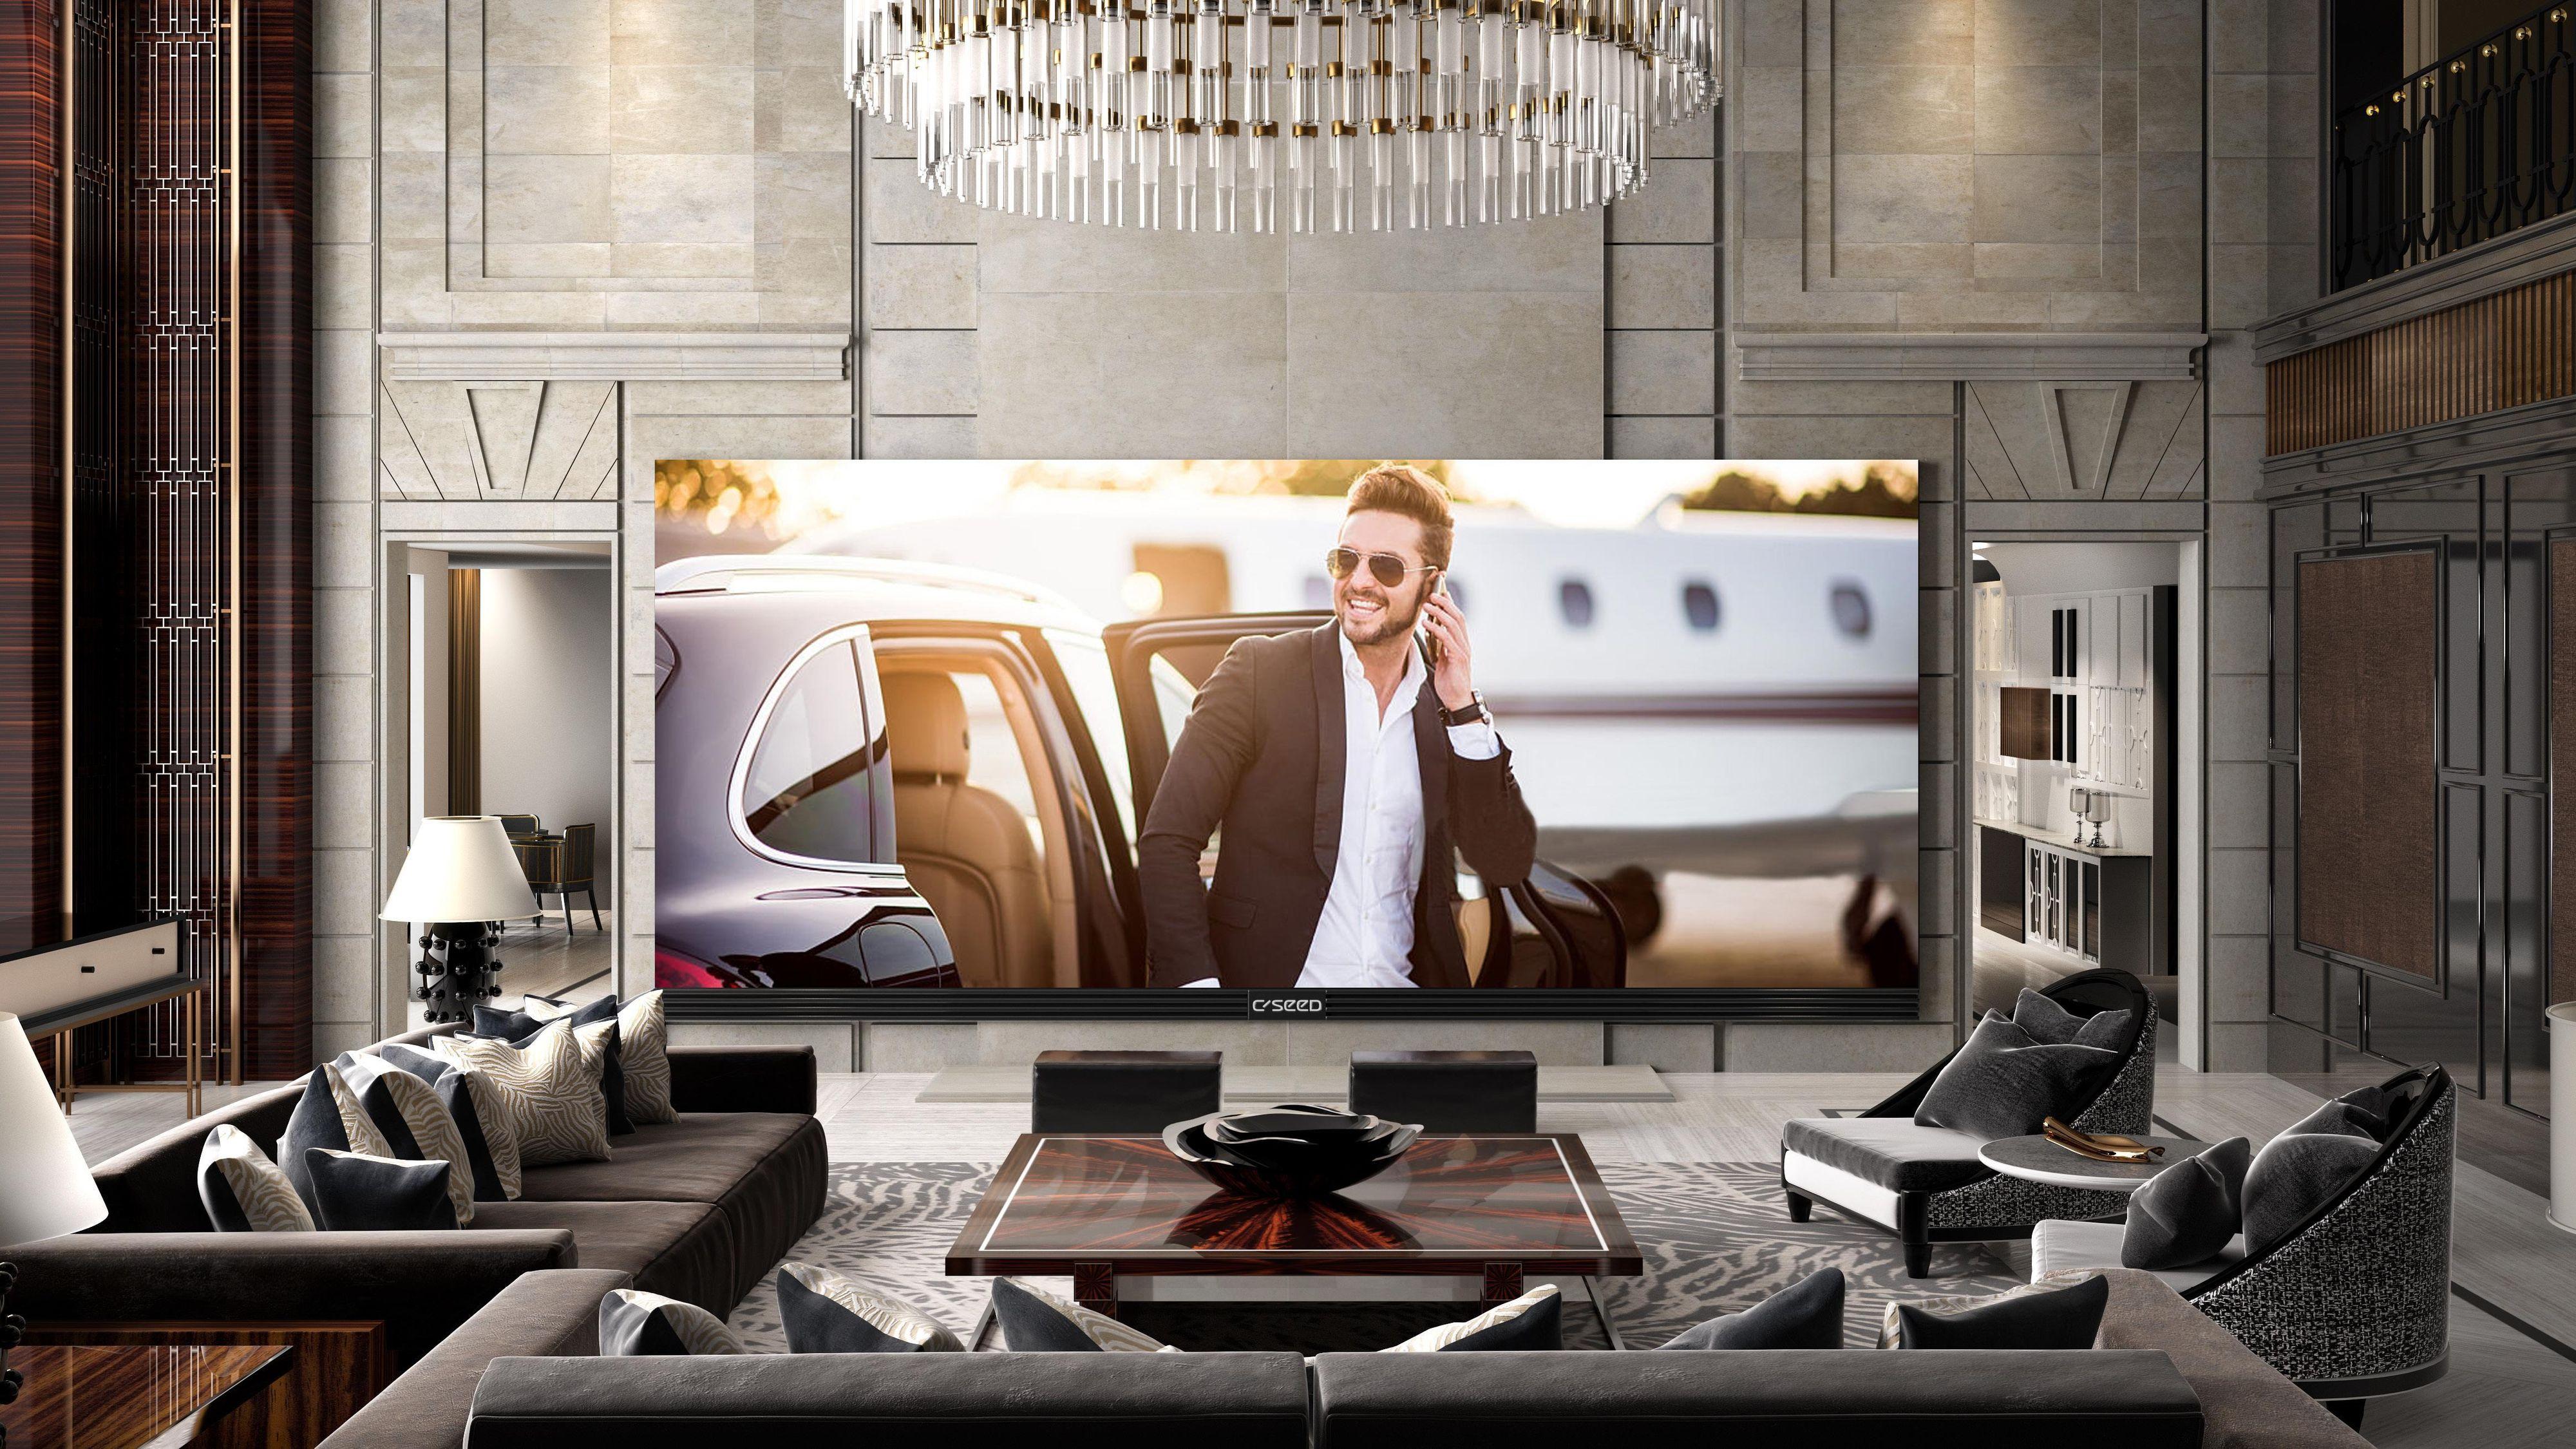 Verdens største TV: 262 tommer